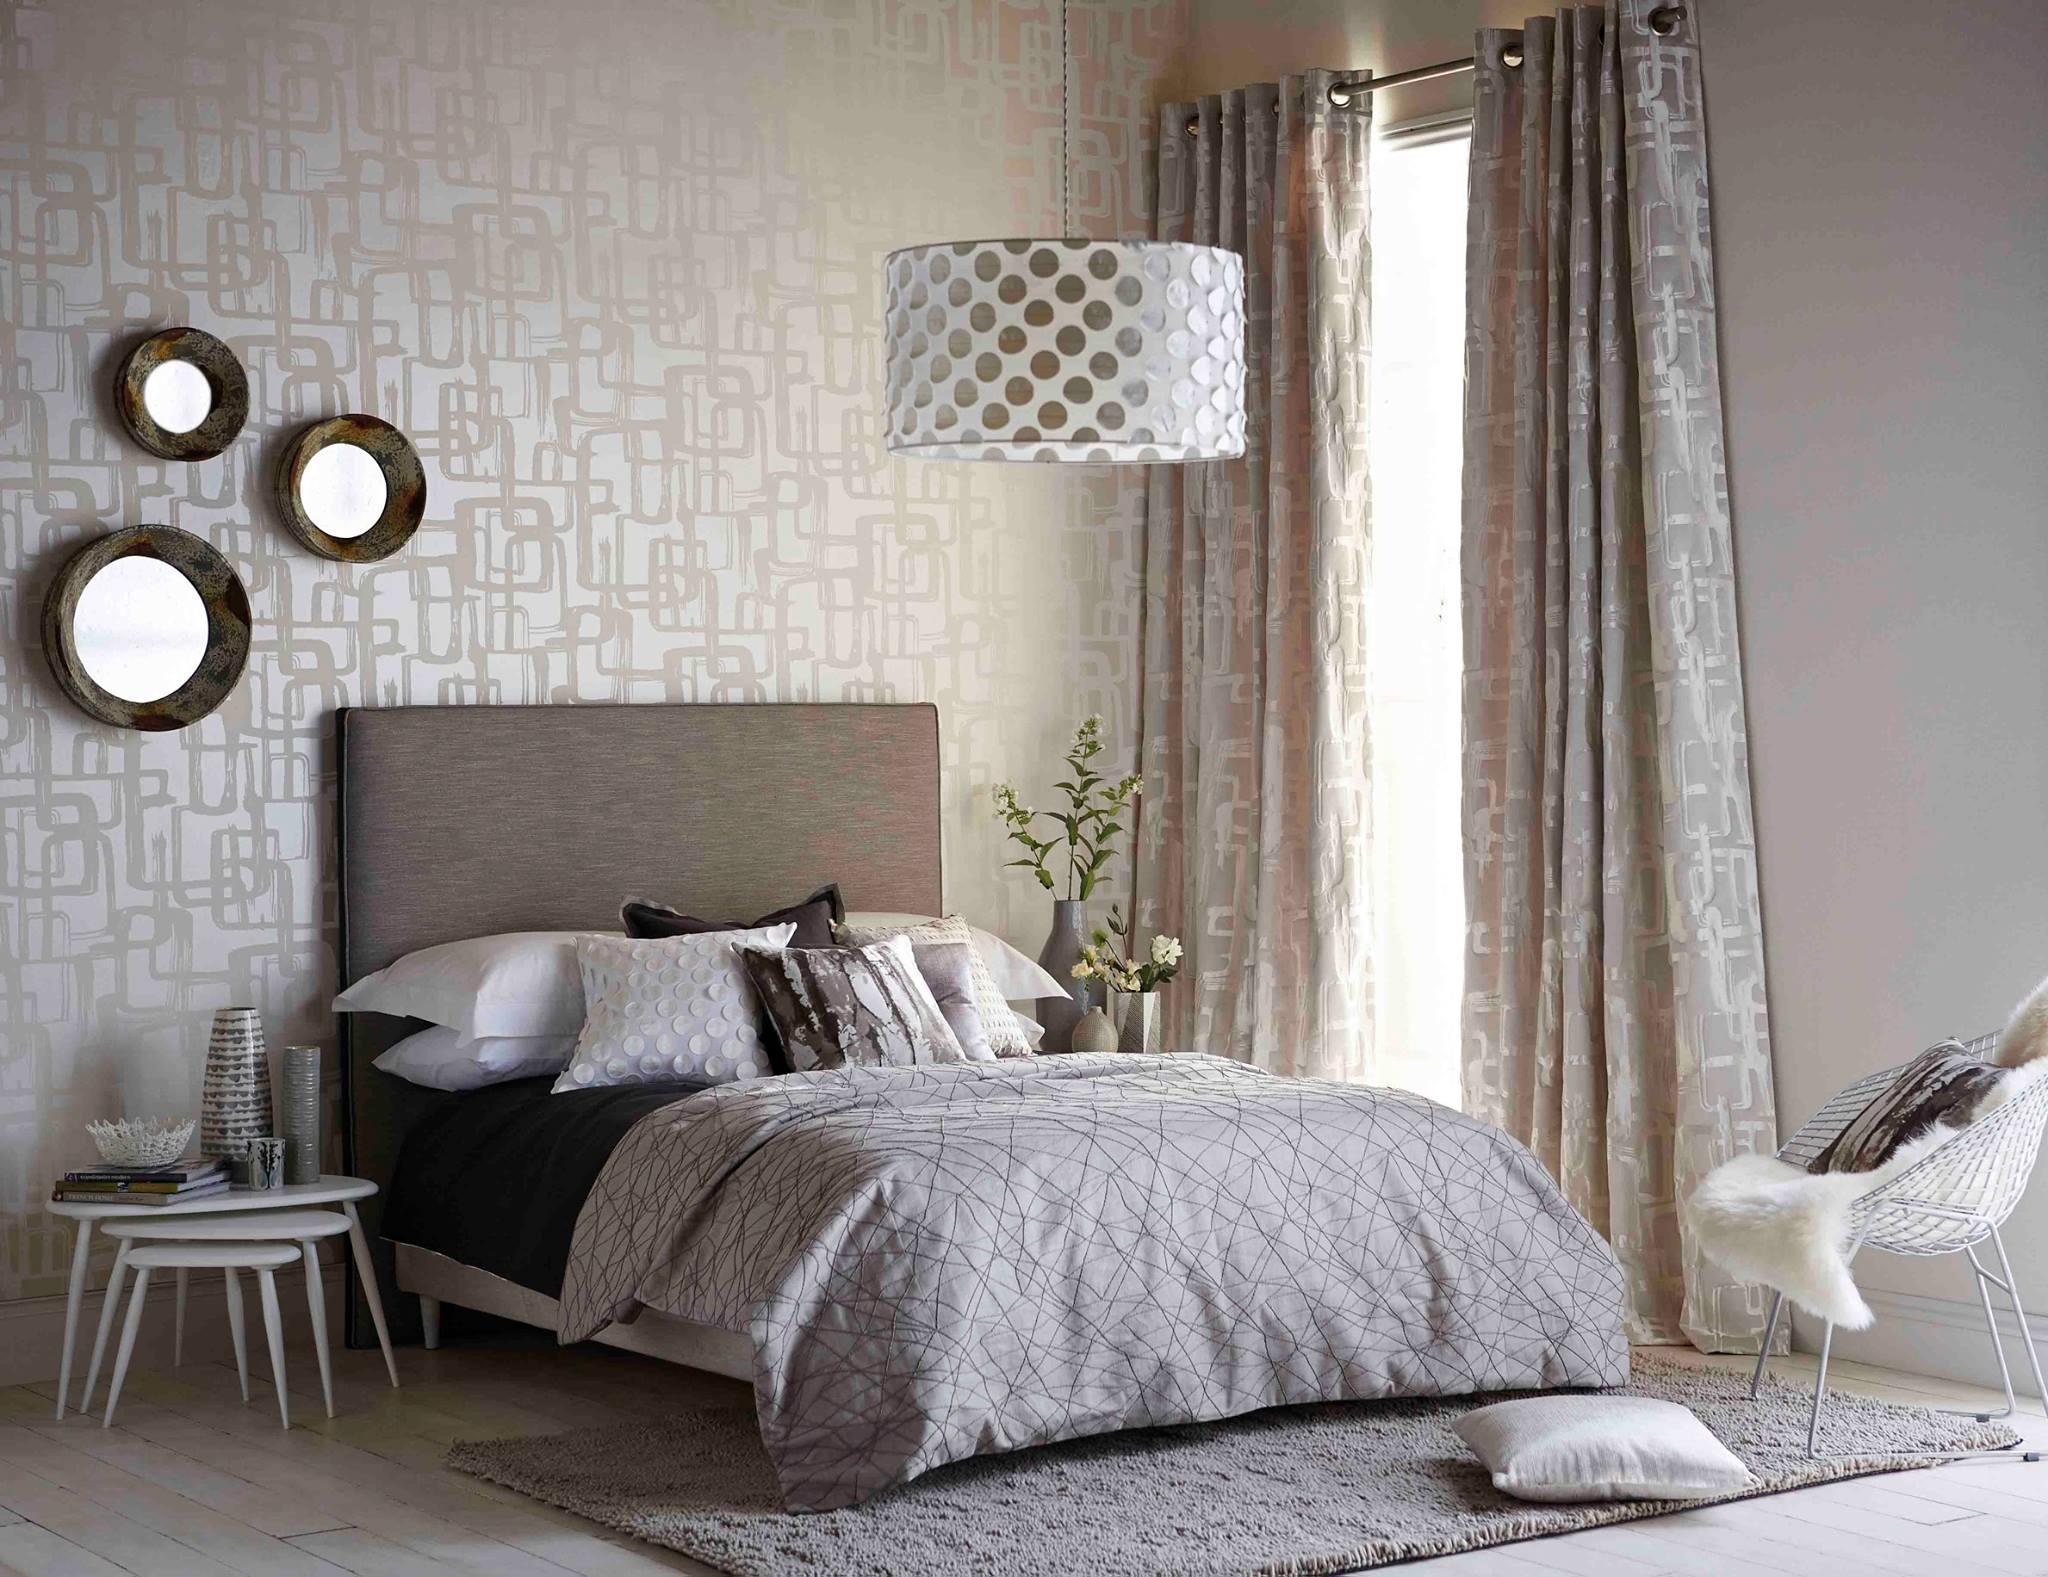 Pintar habitacion matrimonio moderna free simple free for Papel pintado habitacion matrimonio